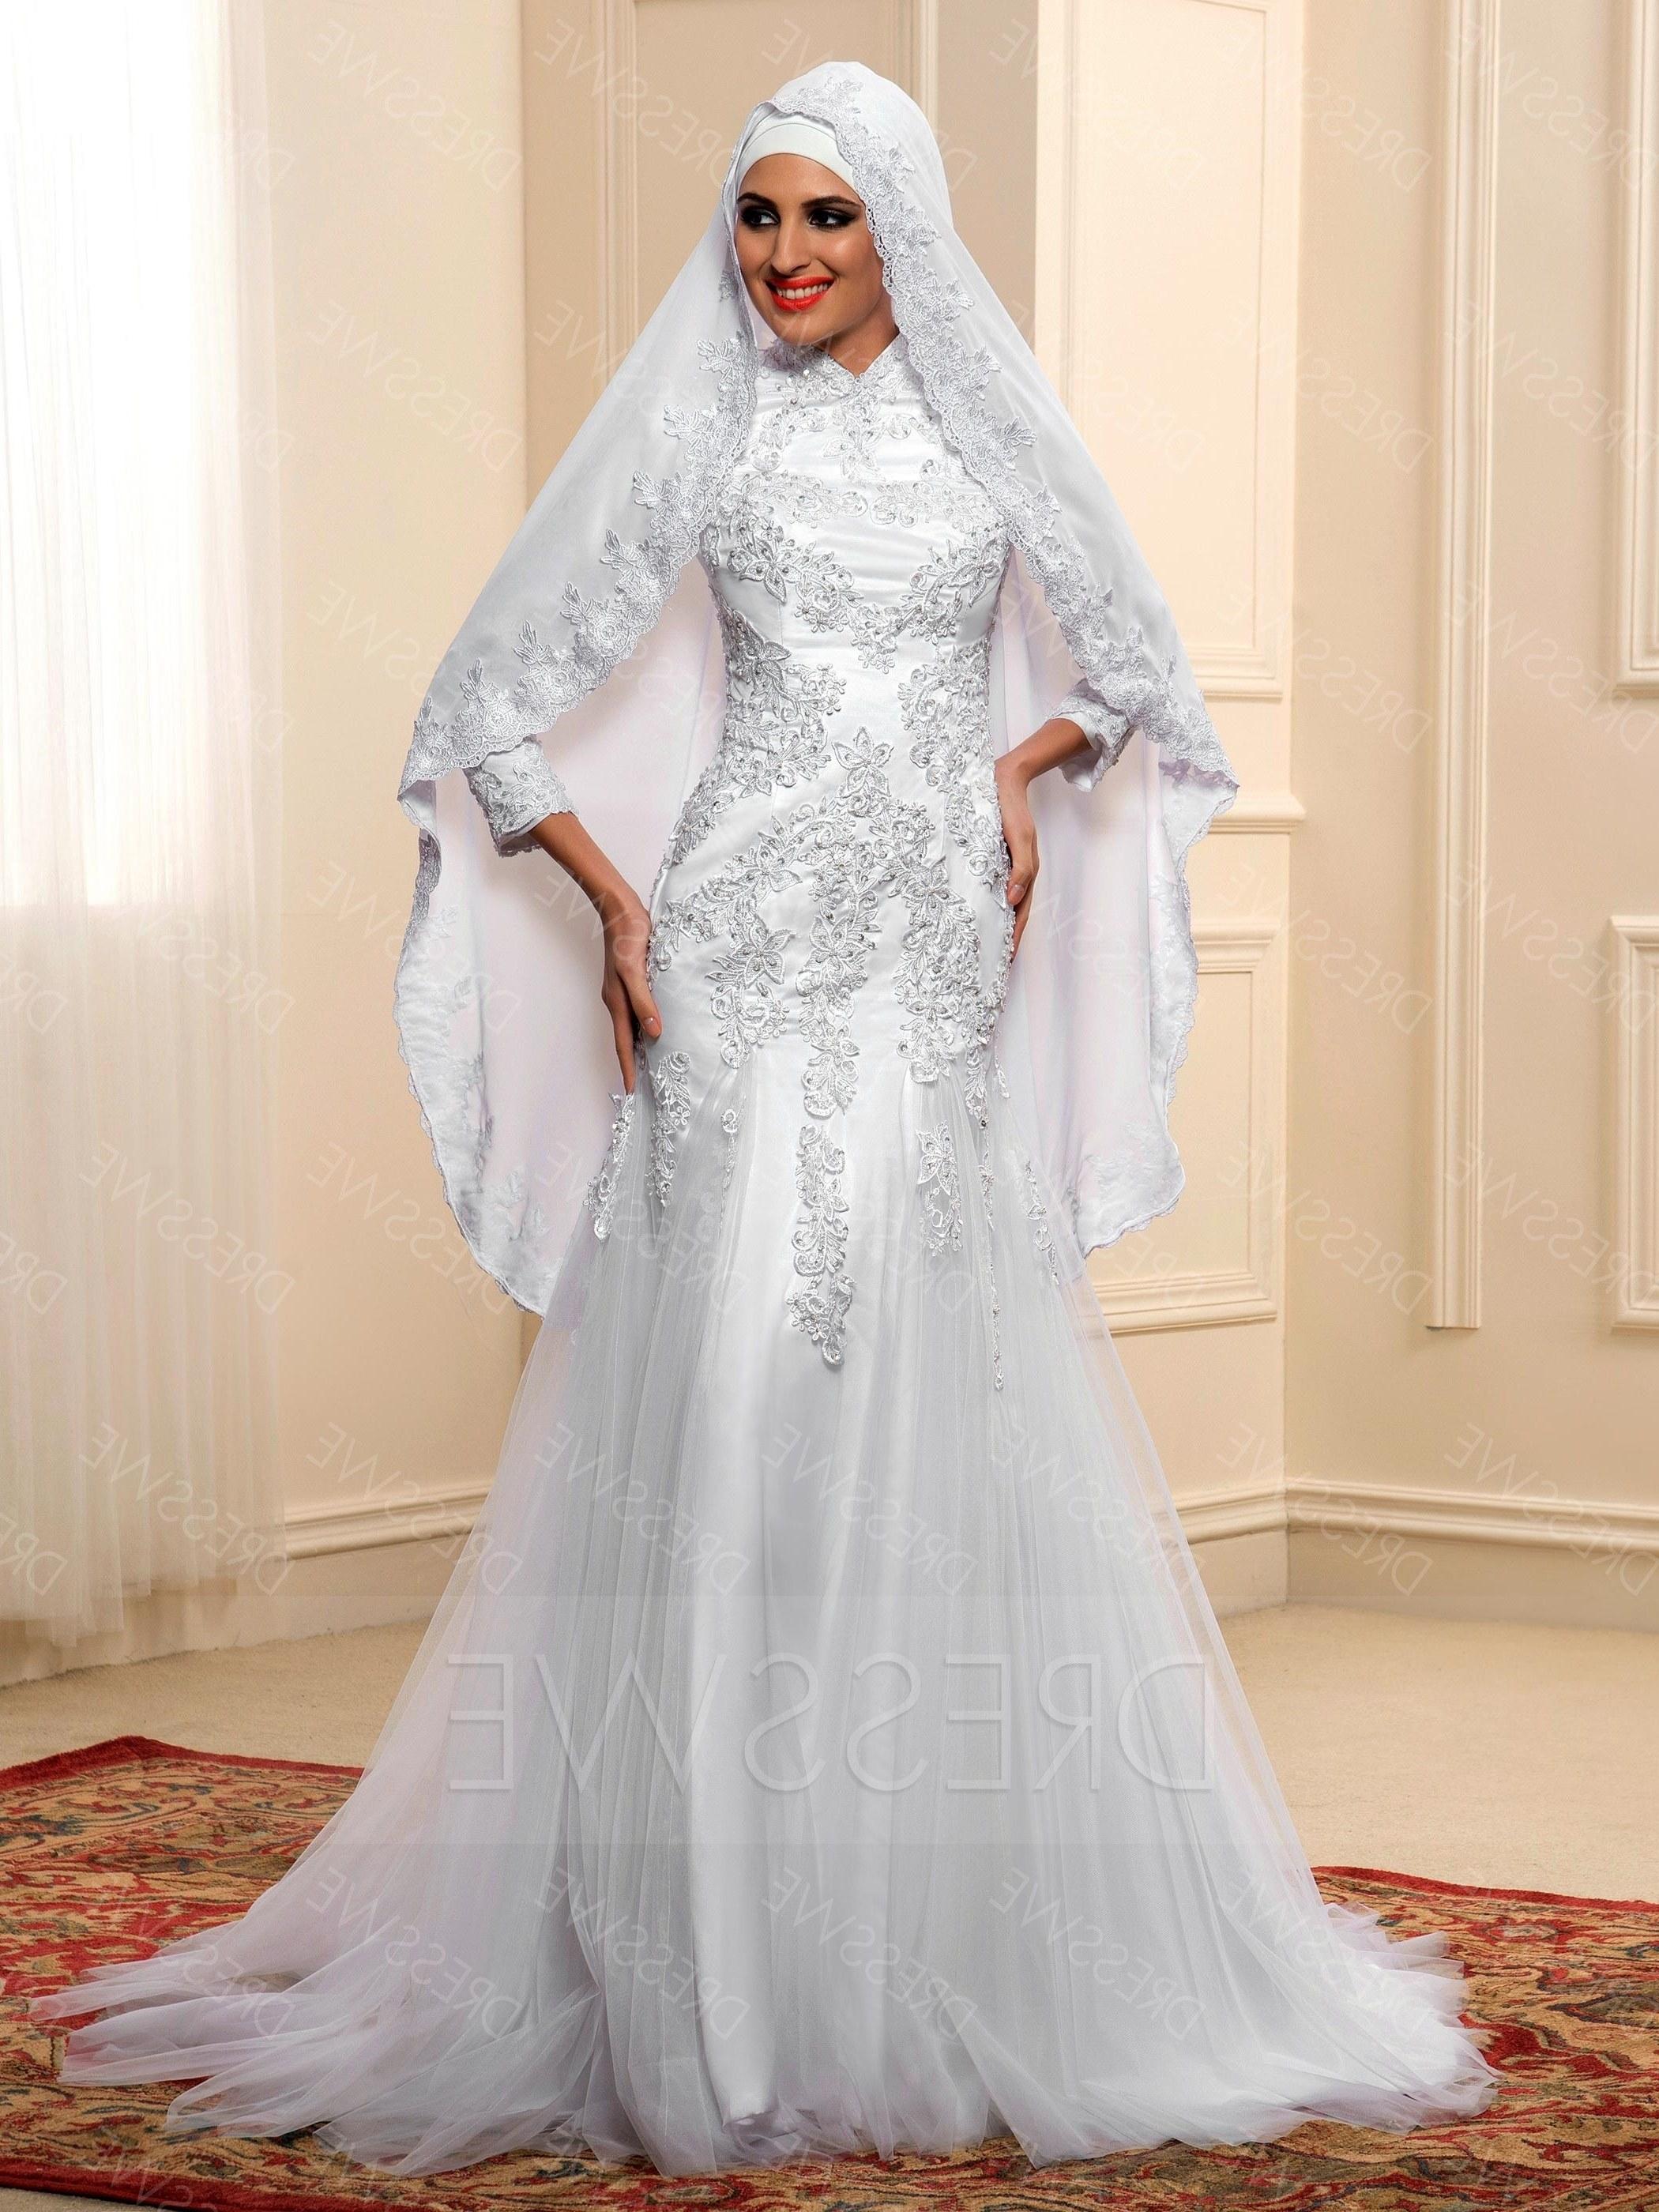 Ide Baju Pengantin Muslim Sederhana 0gdr Model Kebaya Akad Nikah Hijab Model Kebaya Terbaru 2019